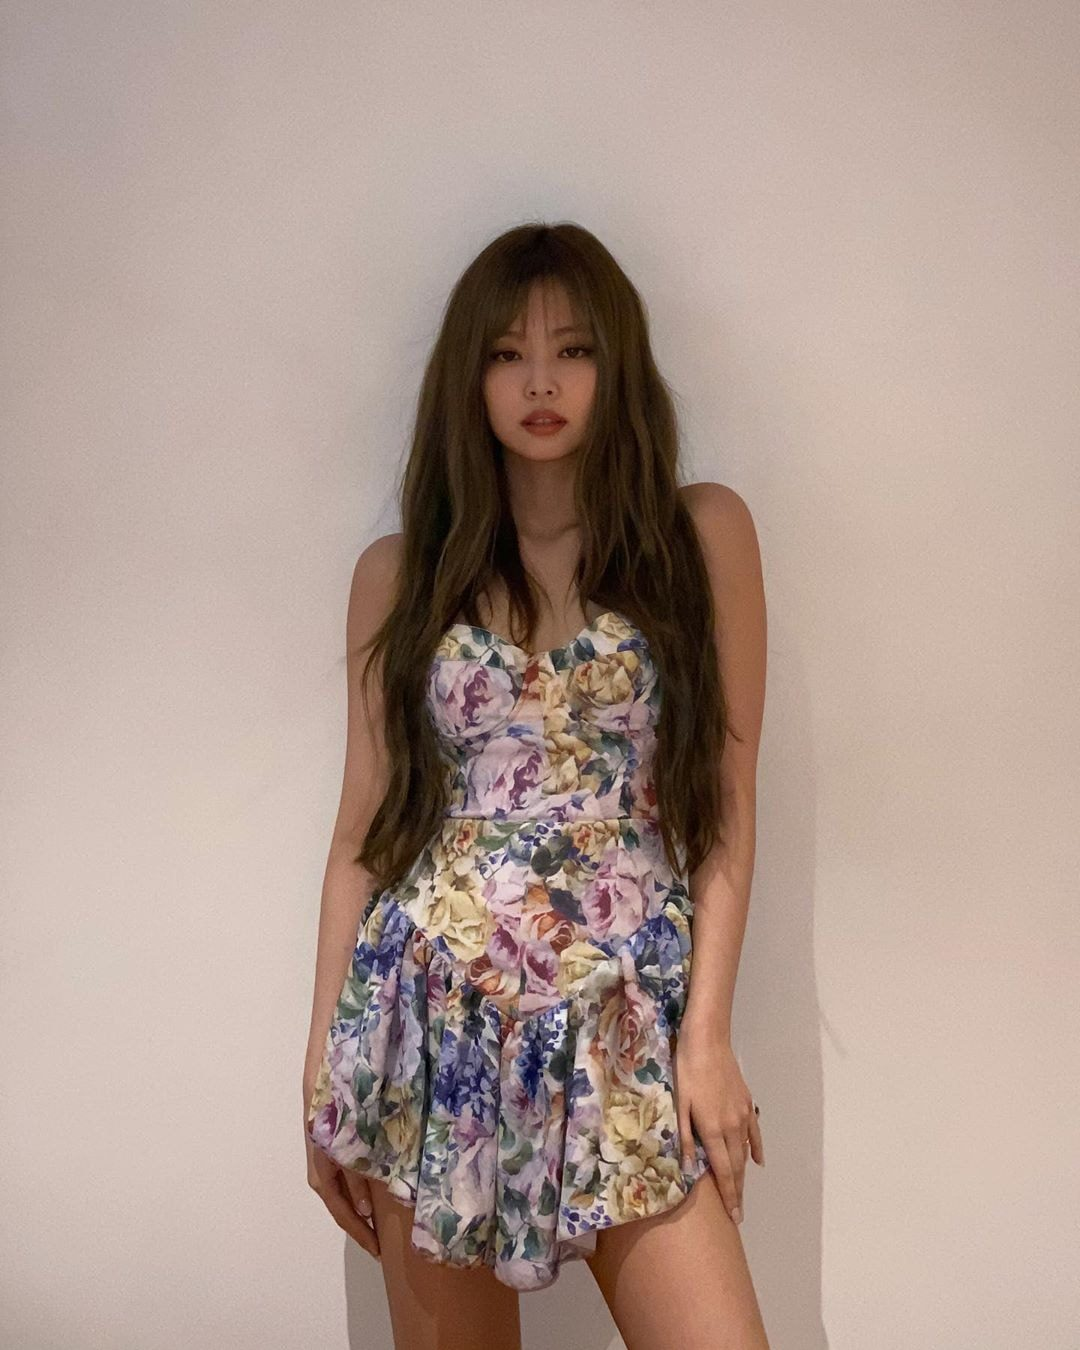 """Thiều Bảo Trâm Jennie Váy Jennie mặc từng bị chê xấu thảm họa nay Thiều Bảo Trâm cosplay lại nhưng """"lệch sóng"""" toàn tập - Ảnh 5."""